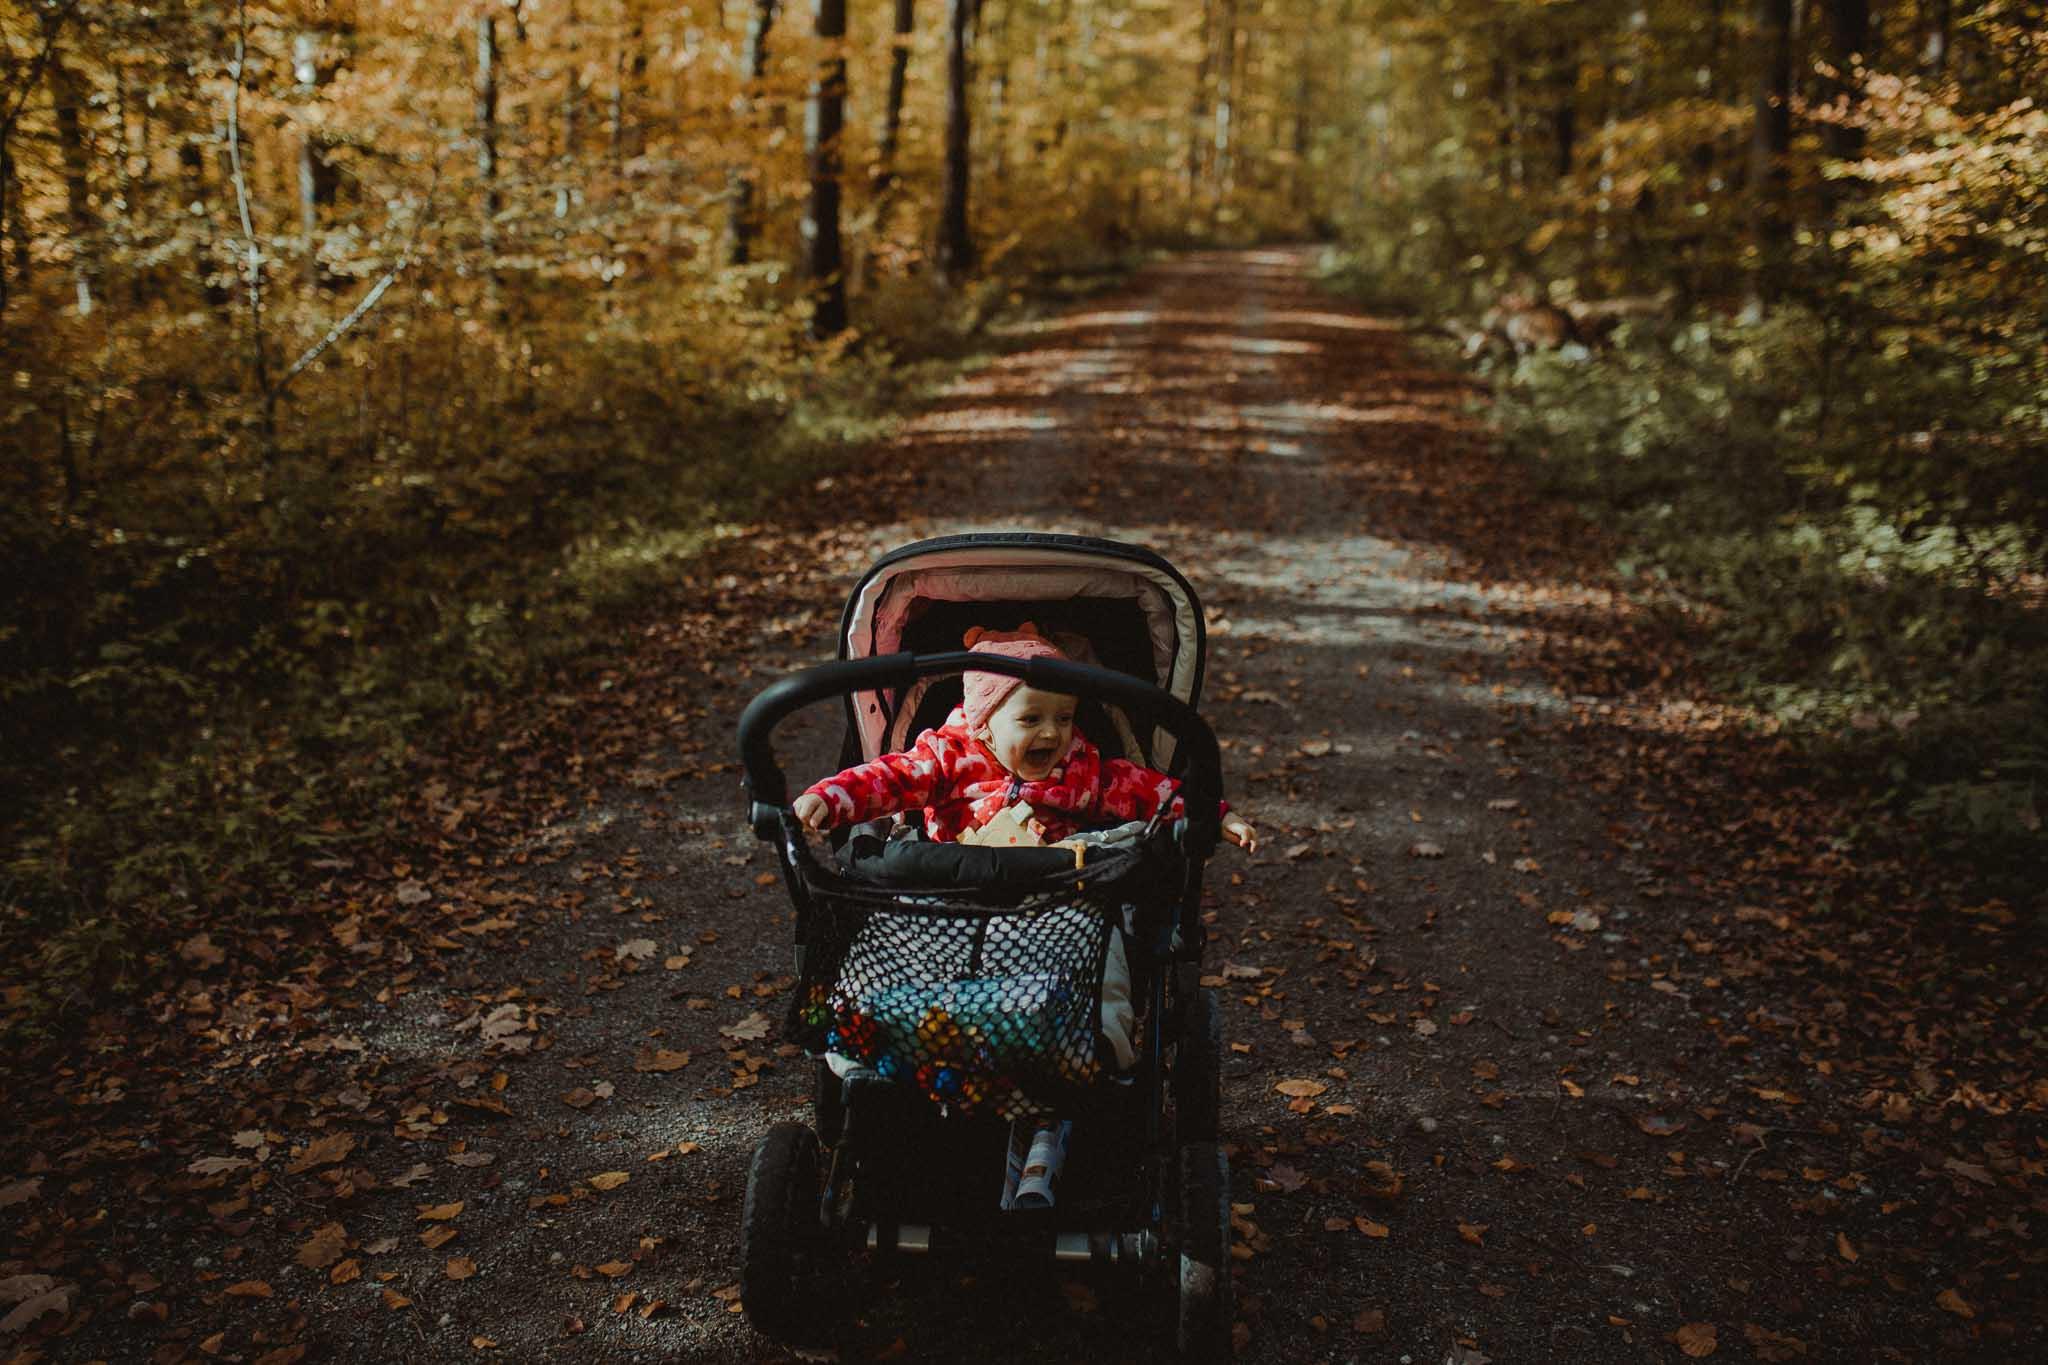 kleines Mädchen im Kinderwagen im Wald - Herbstspaziergang